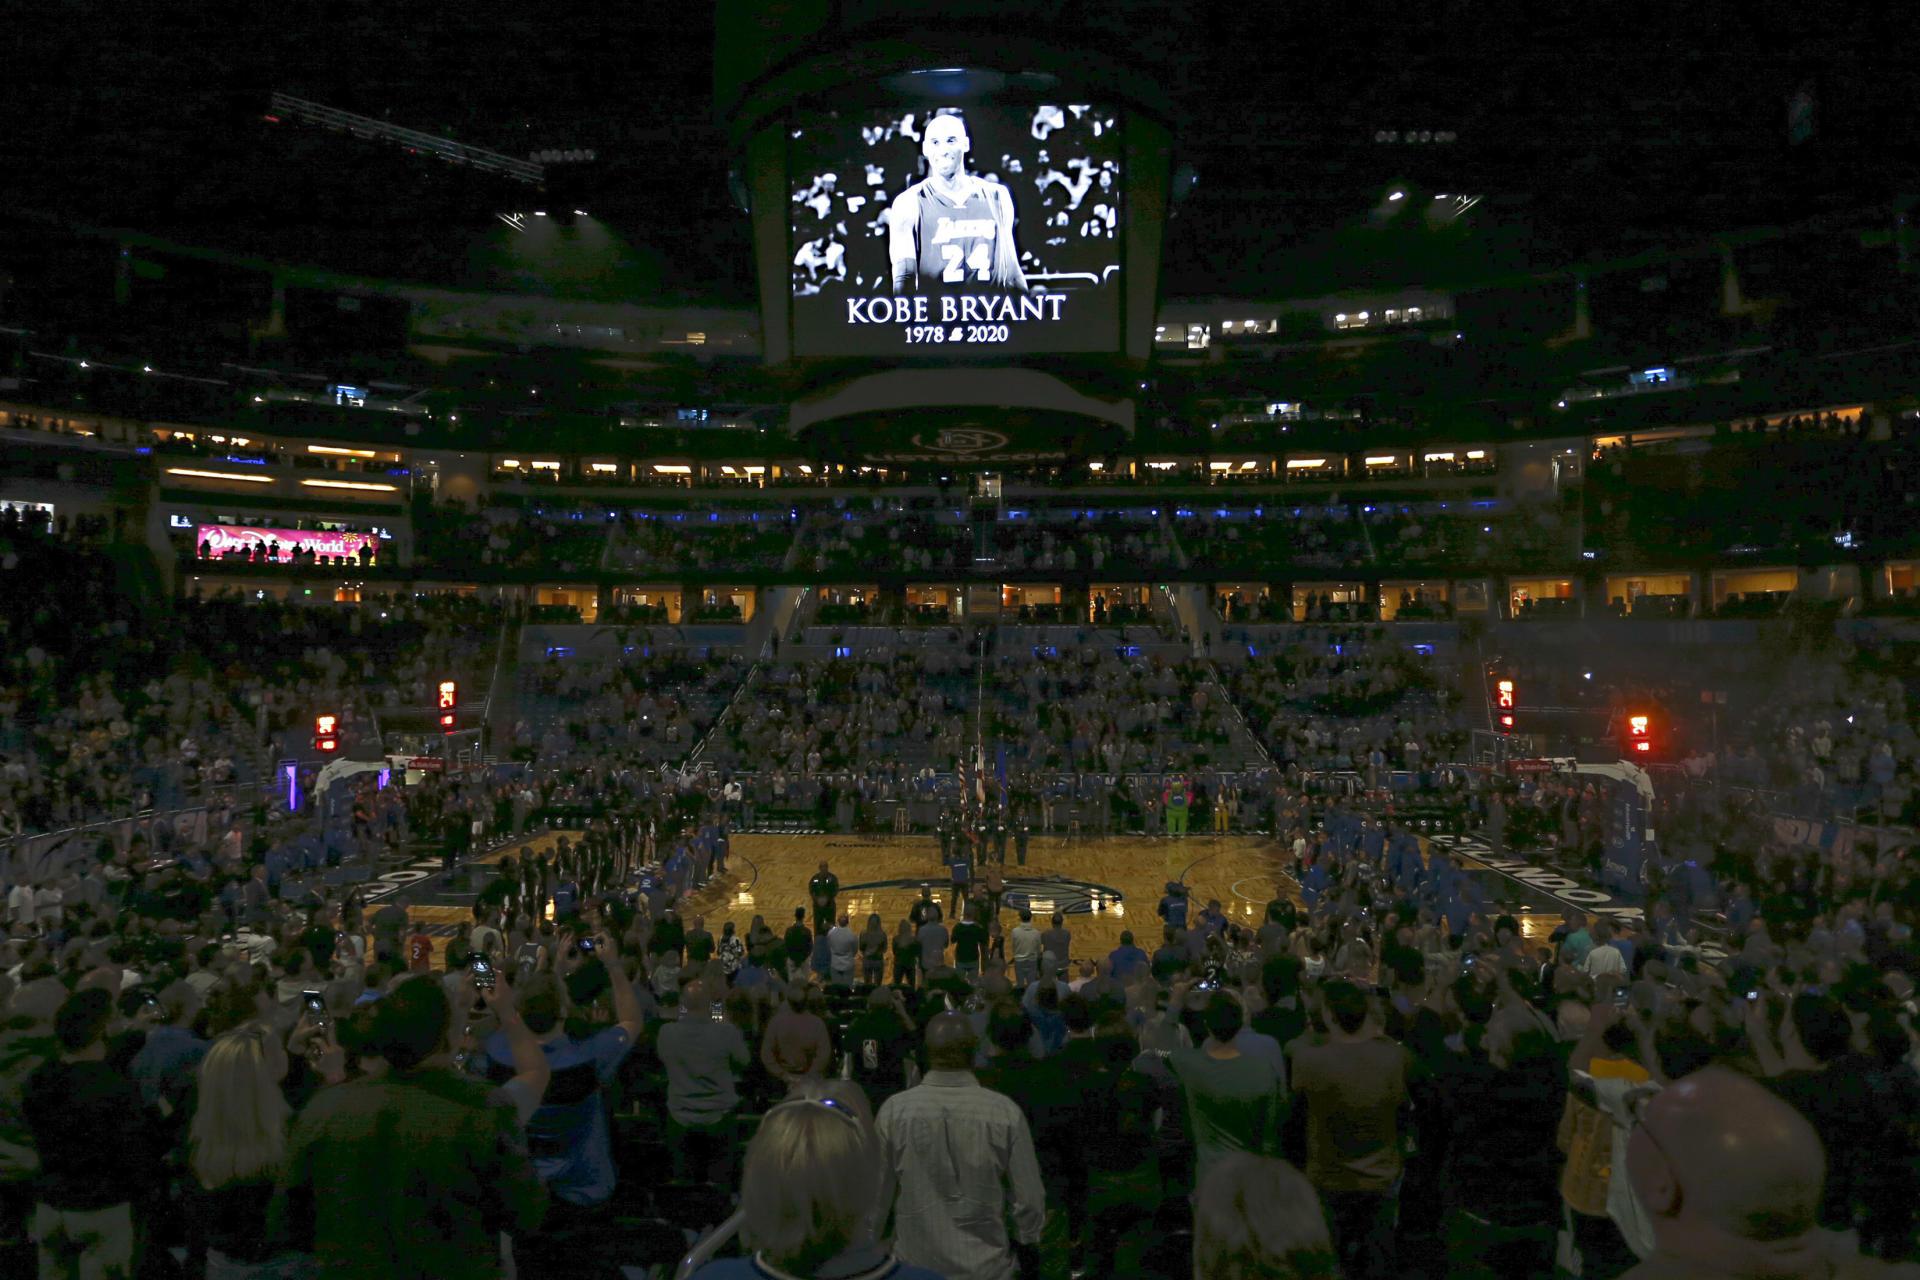 Une minute de silence a été marquée avant le match opposant le Magic d'Orlando aux LAClippers, à Orlando (Floride).